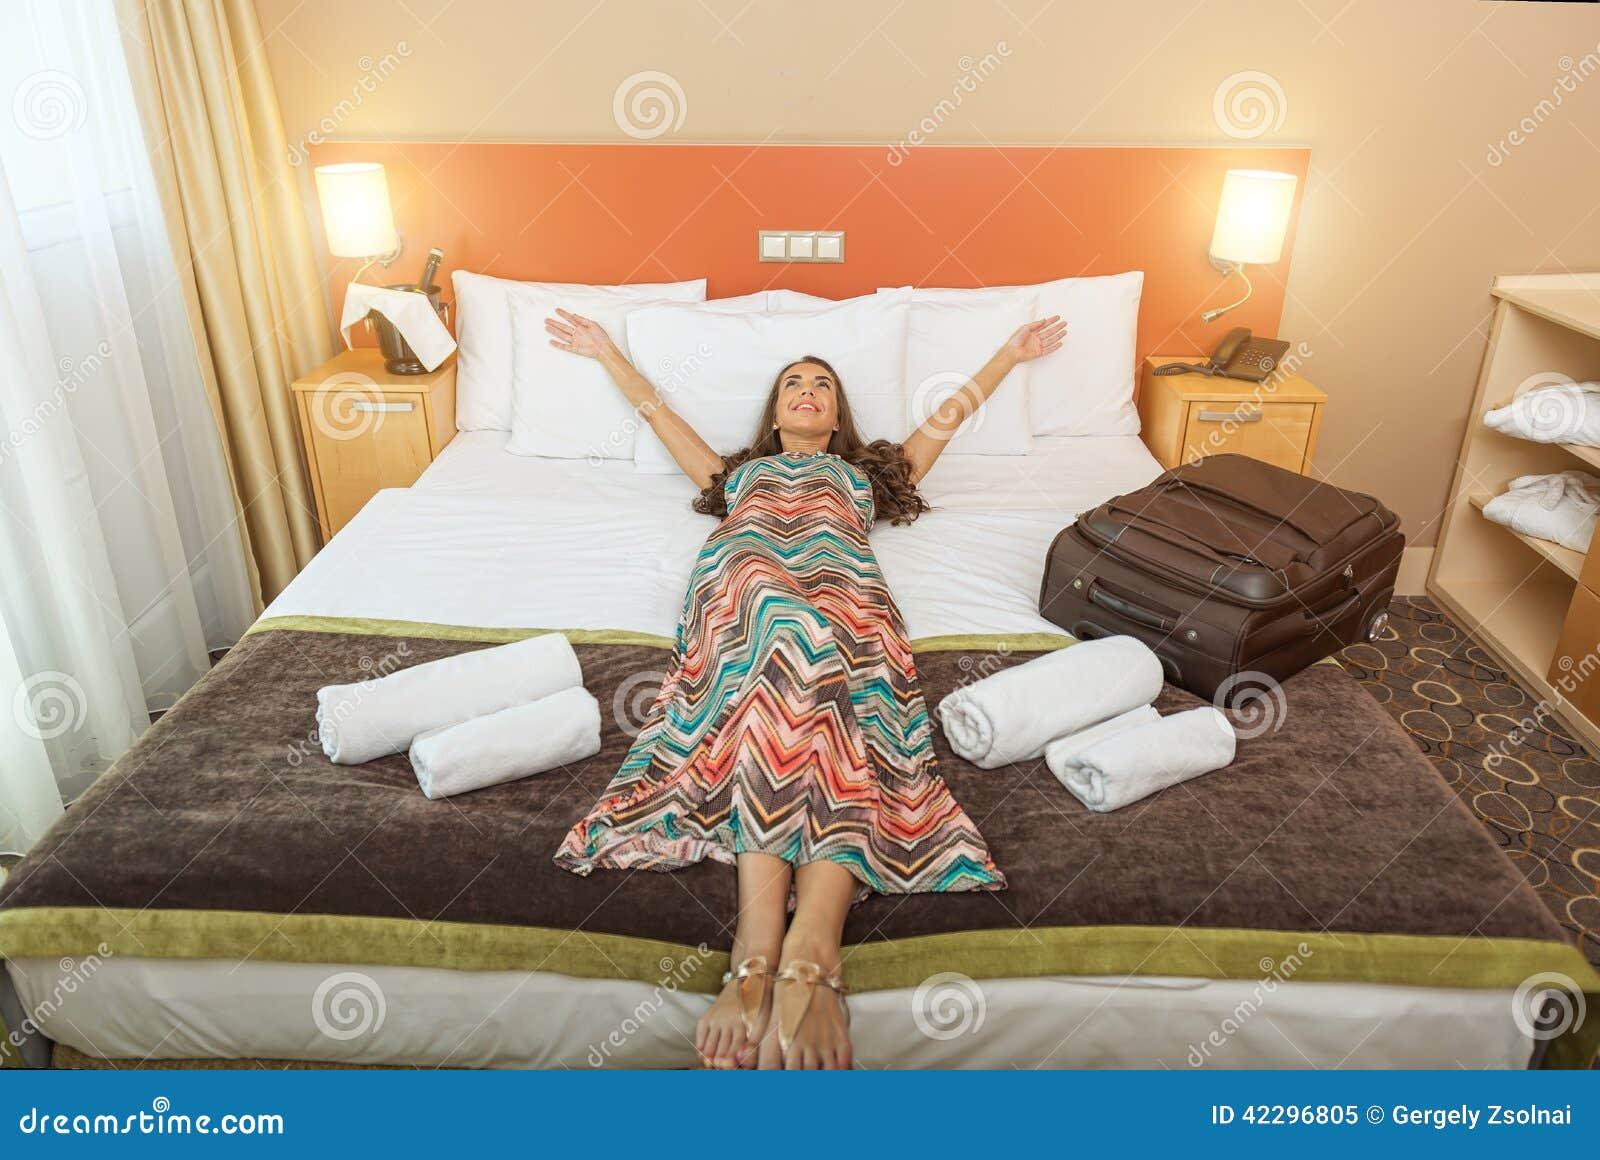 chambre de jeune femme dcoration deco chambre jeune femme. Black Bedroom Furniture Sets. Home Design Ideas